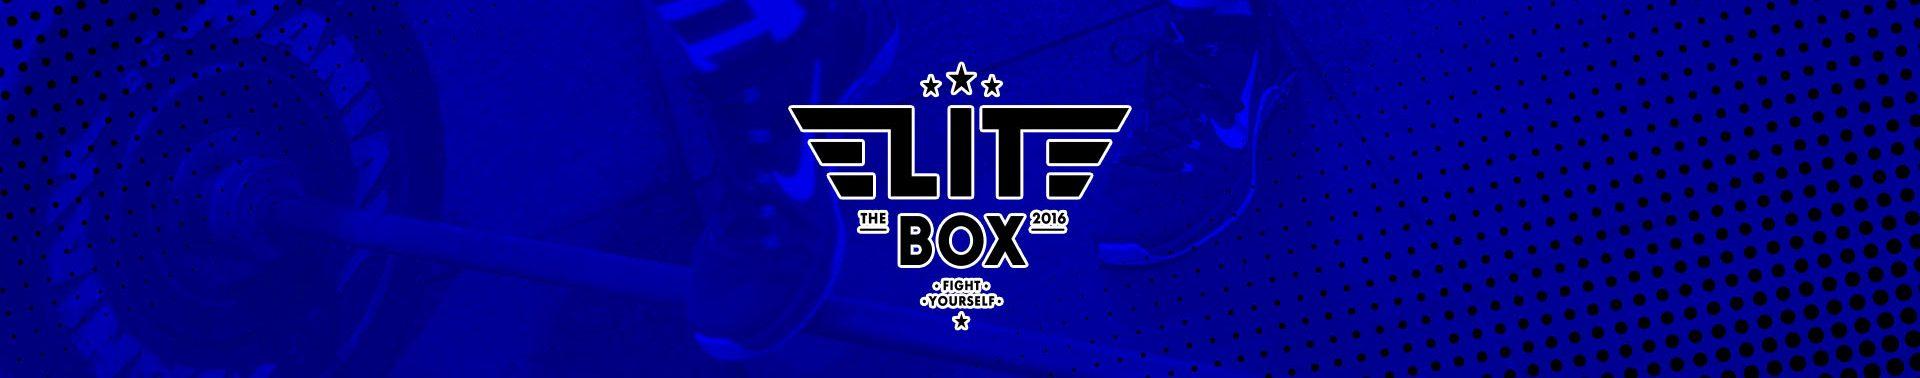 slider_box_elite_2